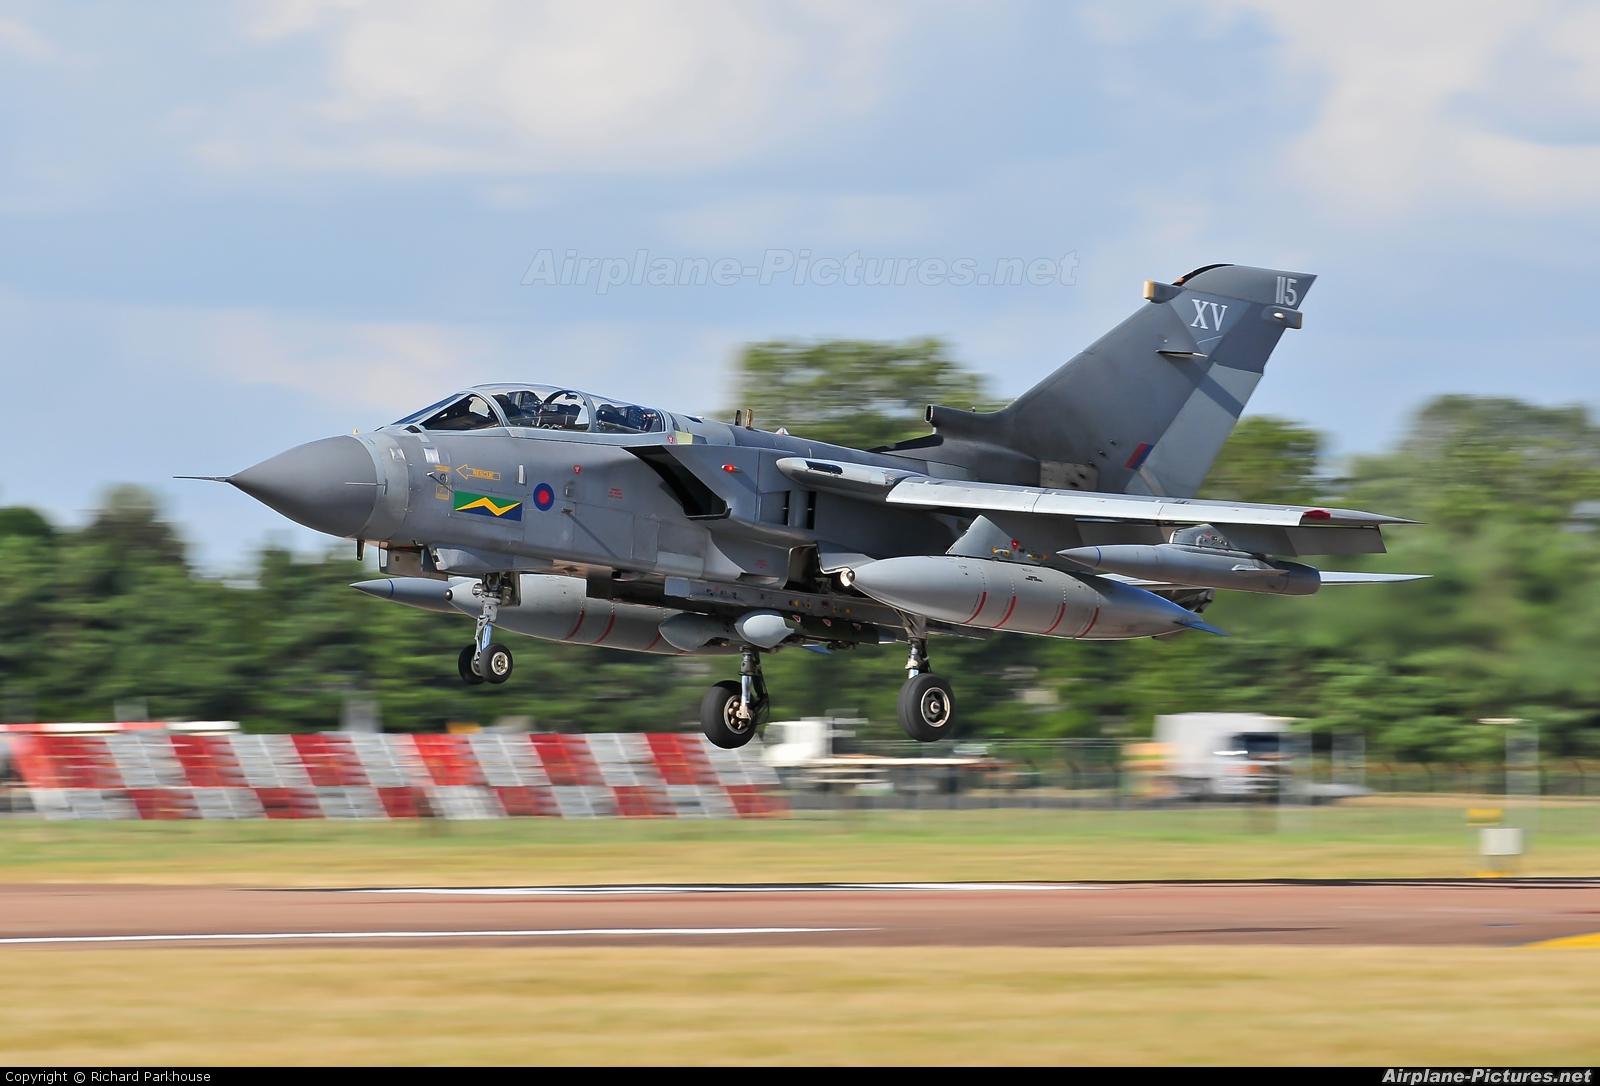 Royal Air Force ZD895 aircraft at Fairford